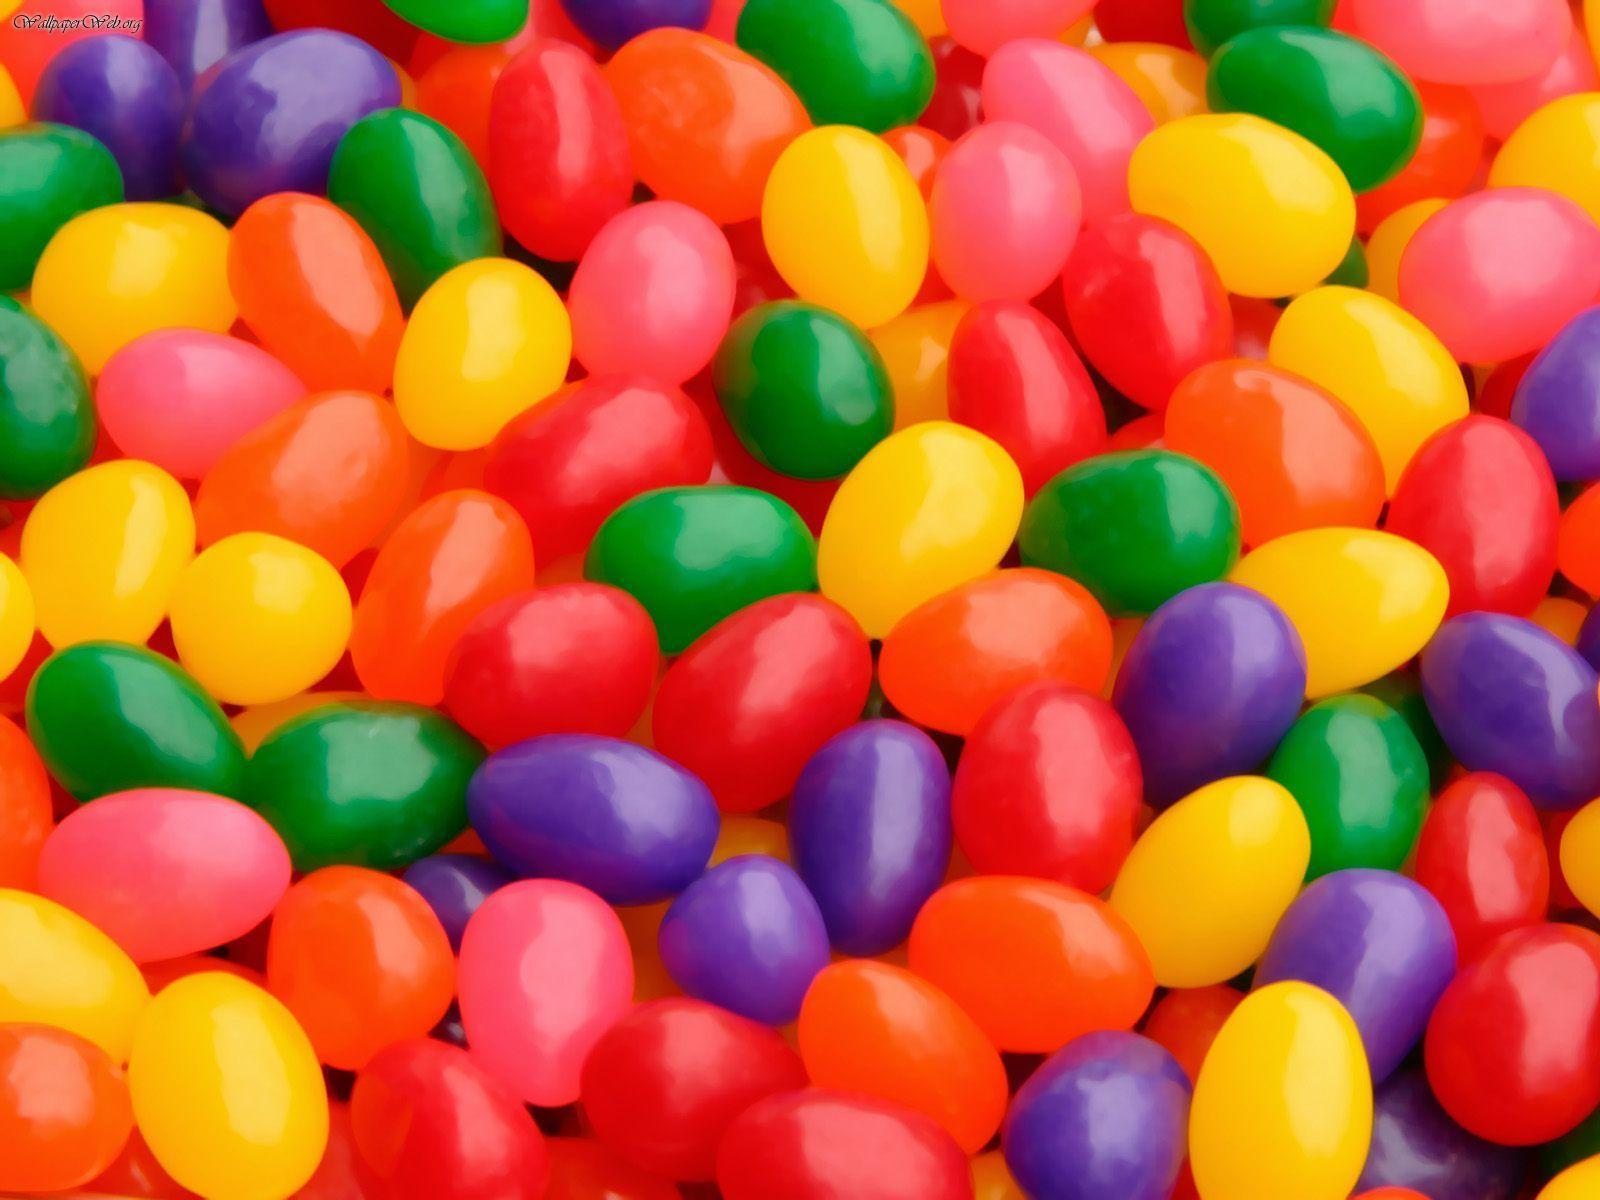 http://2.bp.blogspot.com/-8vnm9_e6SXg/T66XAtuNMDI/AAAAAAAAKXU/eeJMw9xl55c/s1600/+jelly+beans+(3).jpg